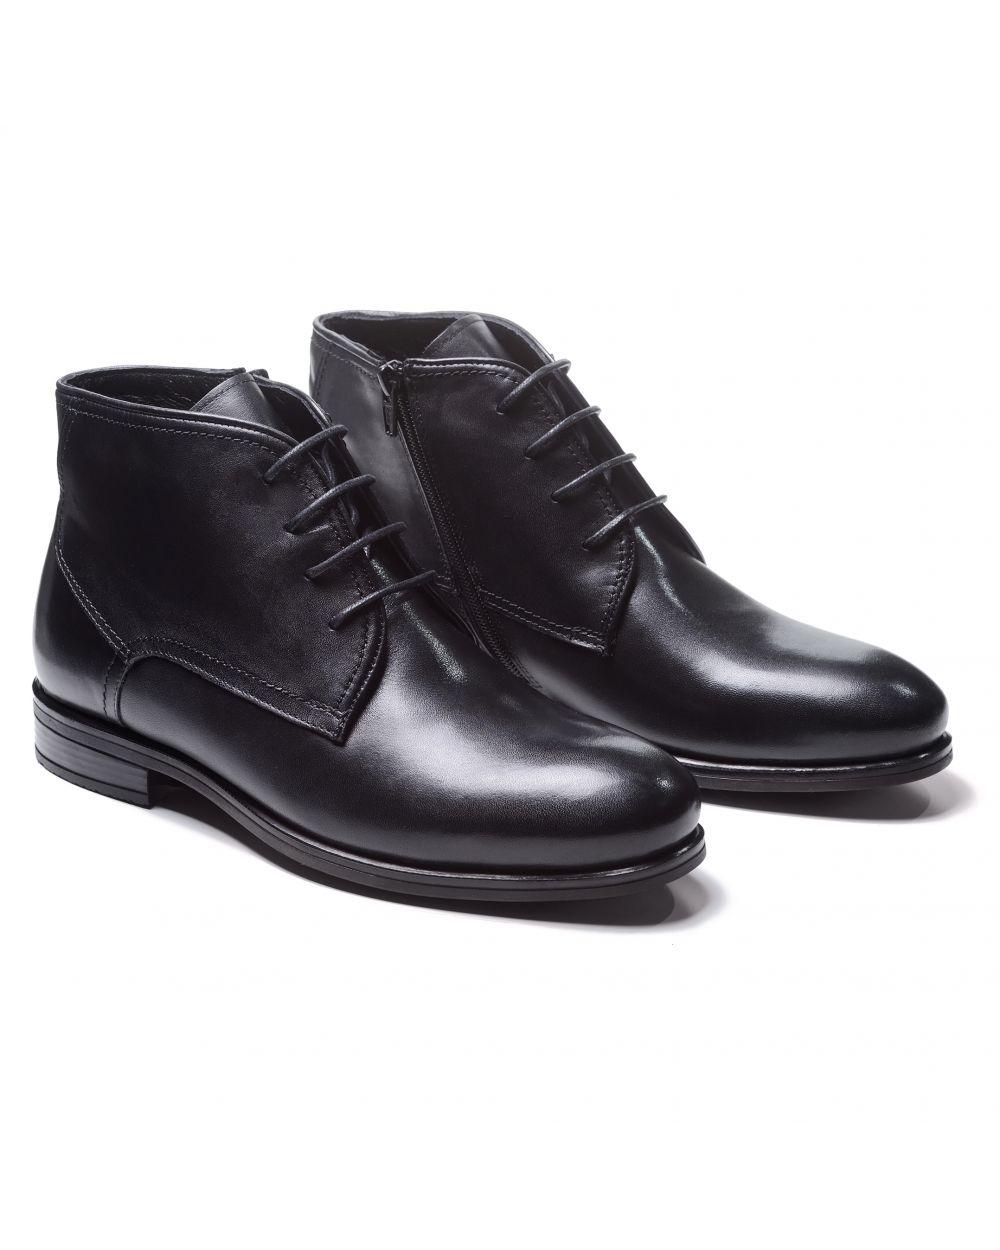 Ботинки мужские чукка черные из гладкой кожи (plain toe chukka boot)